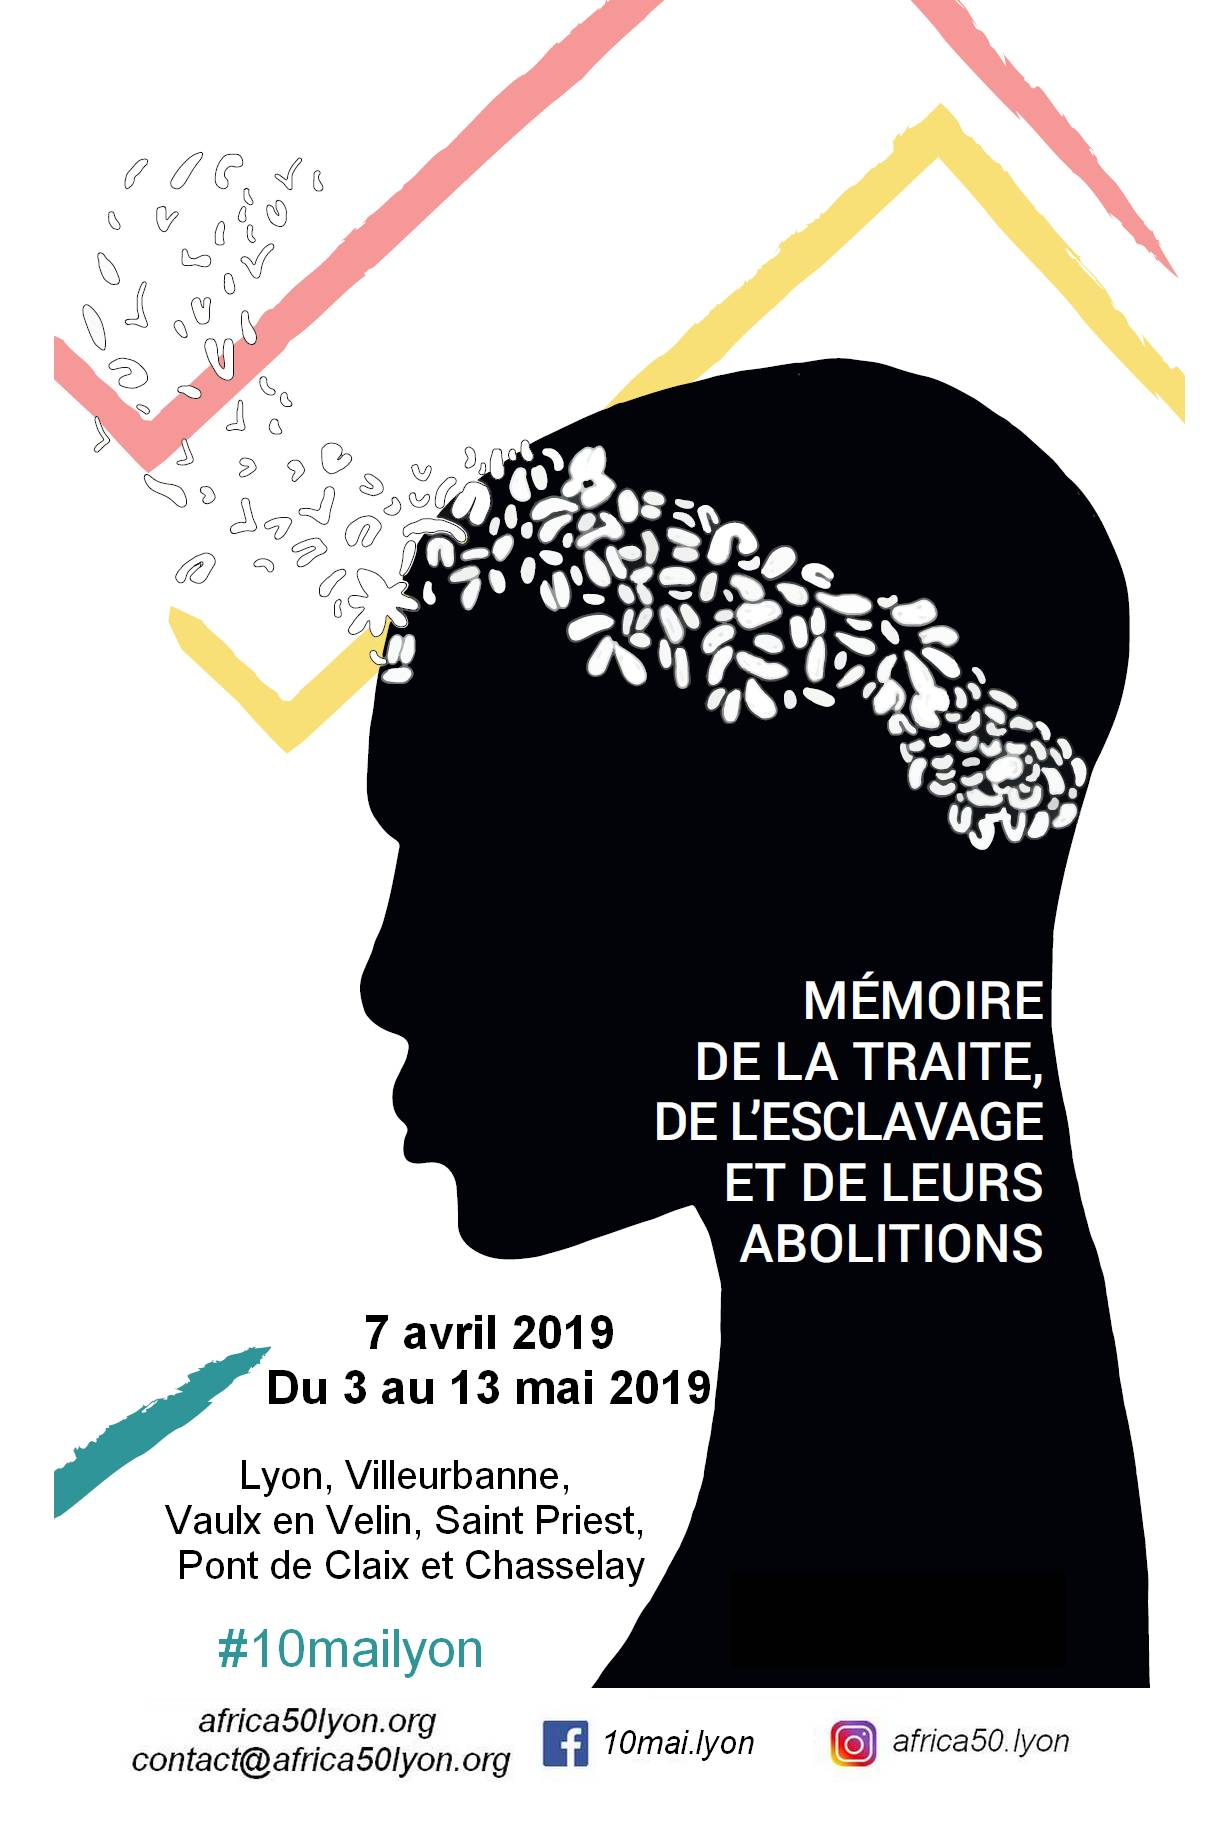 [MEMOIRE] Dizaine de commémoration de l'abolition de l'esclavage 2019 #10mailyon – Le programme